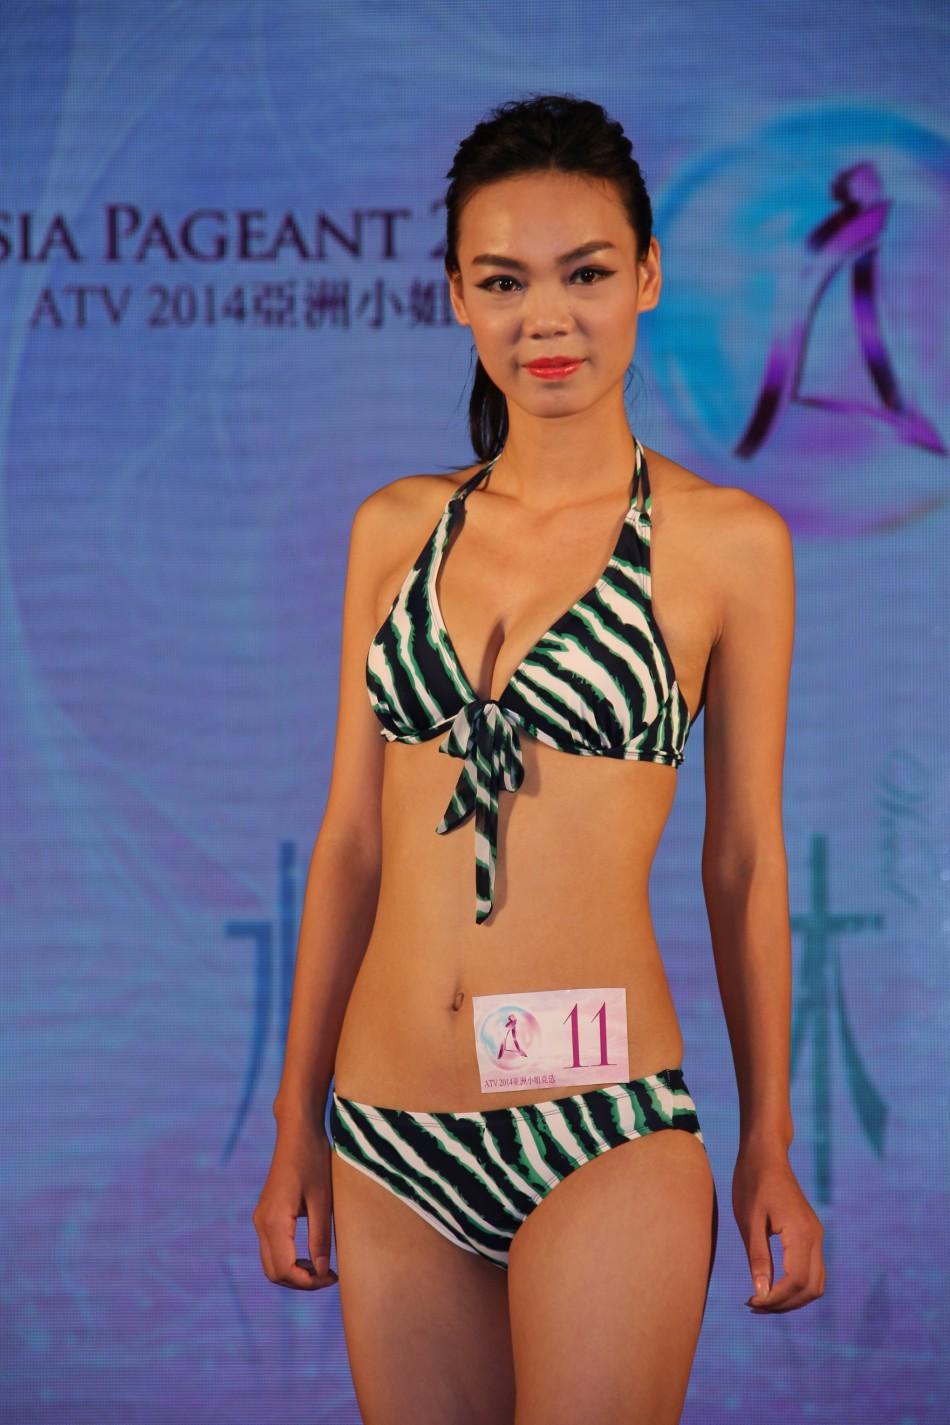 亚洲小姐广州海选 选手泳装亮相图片